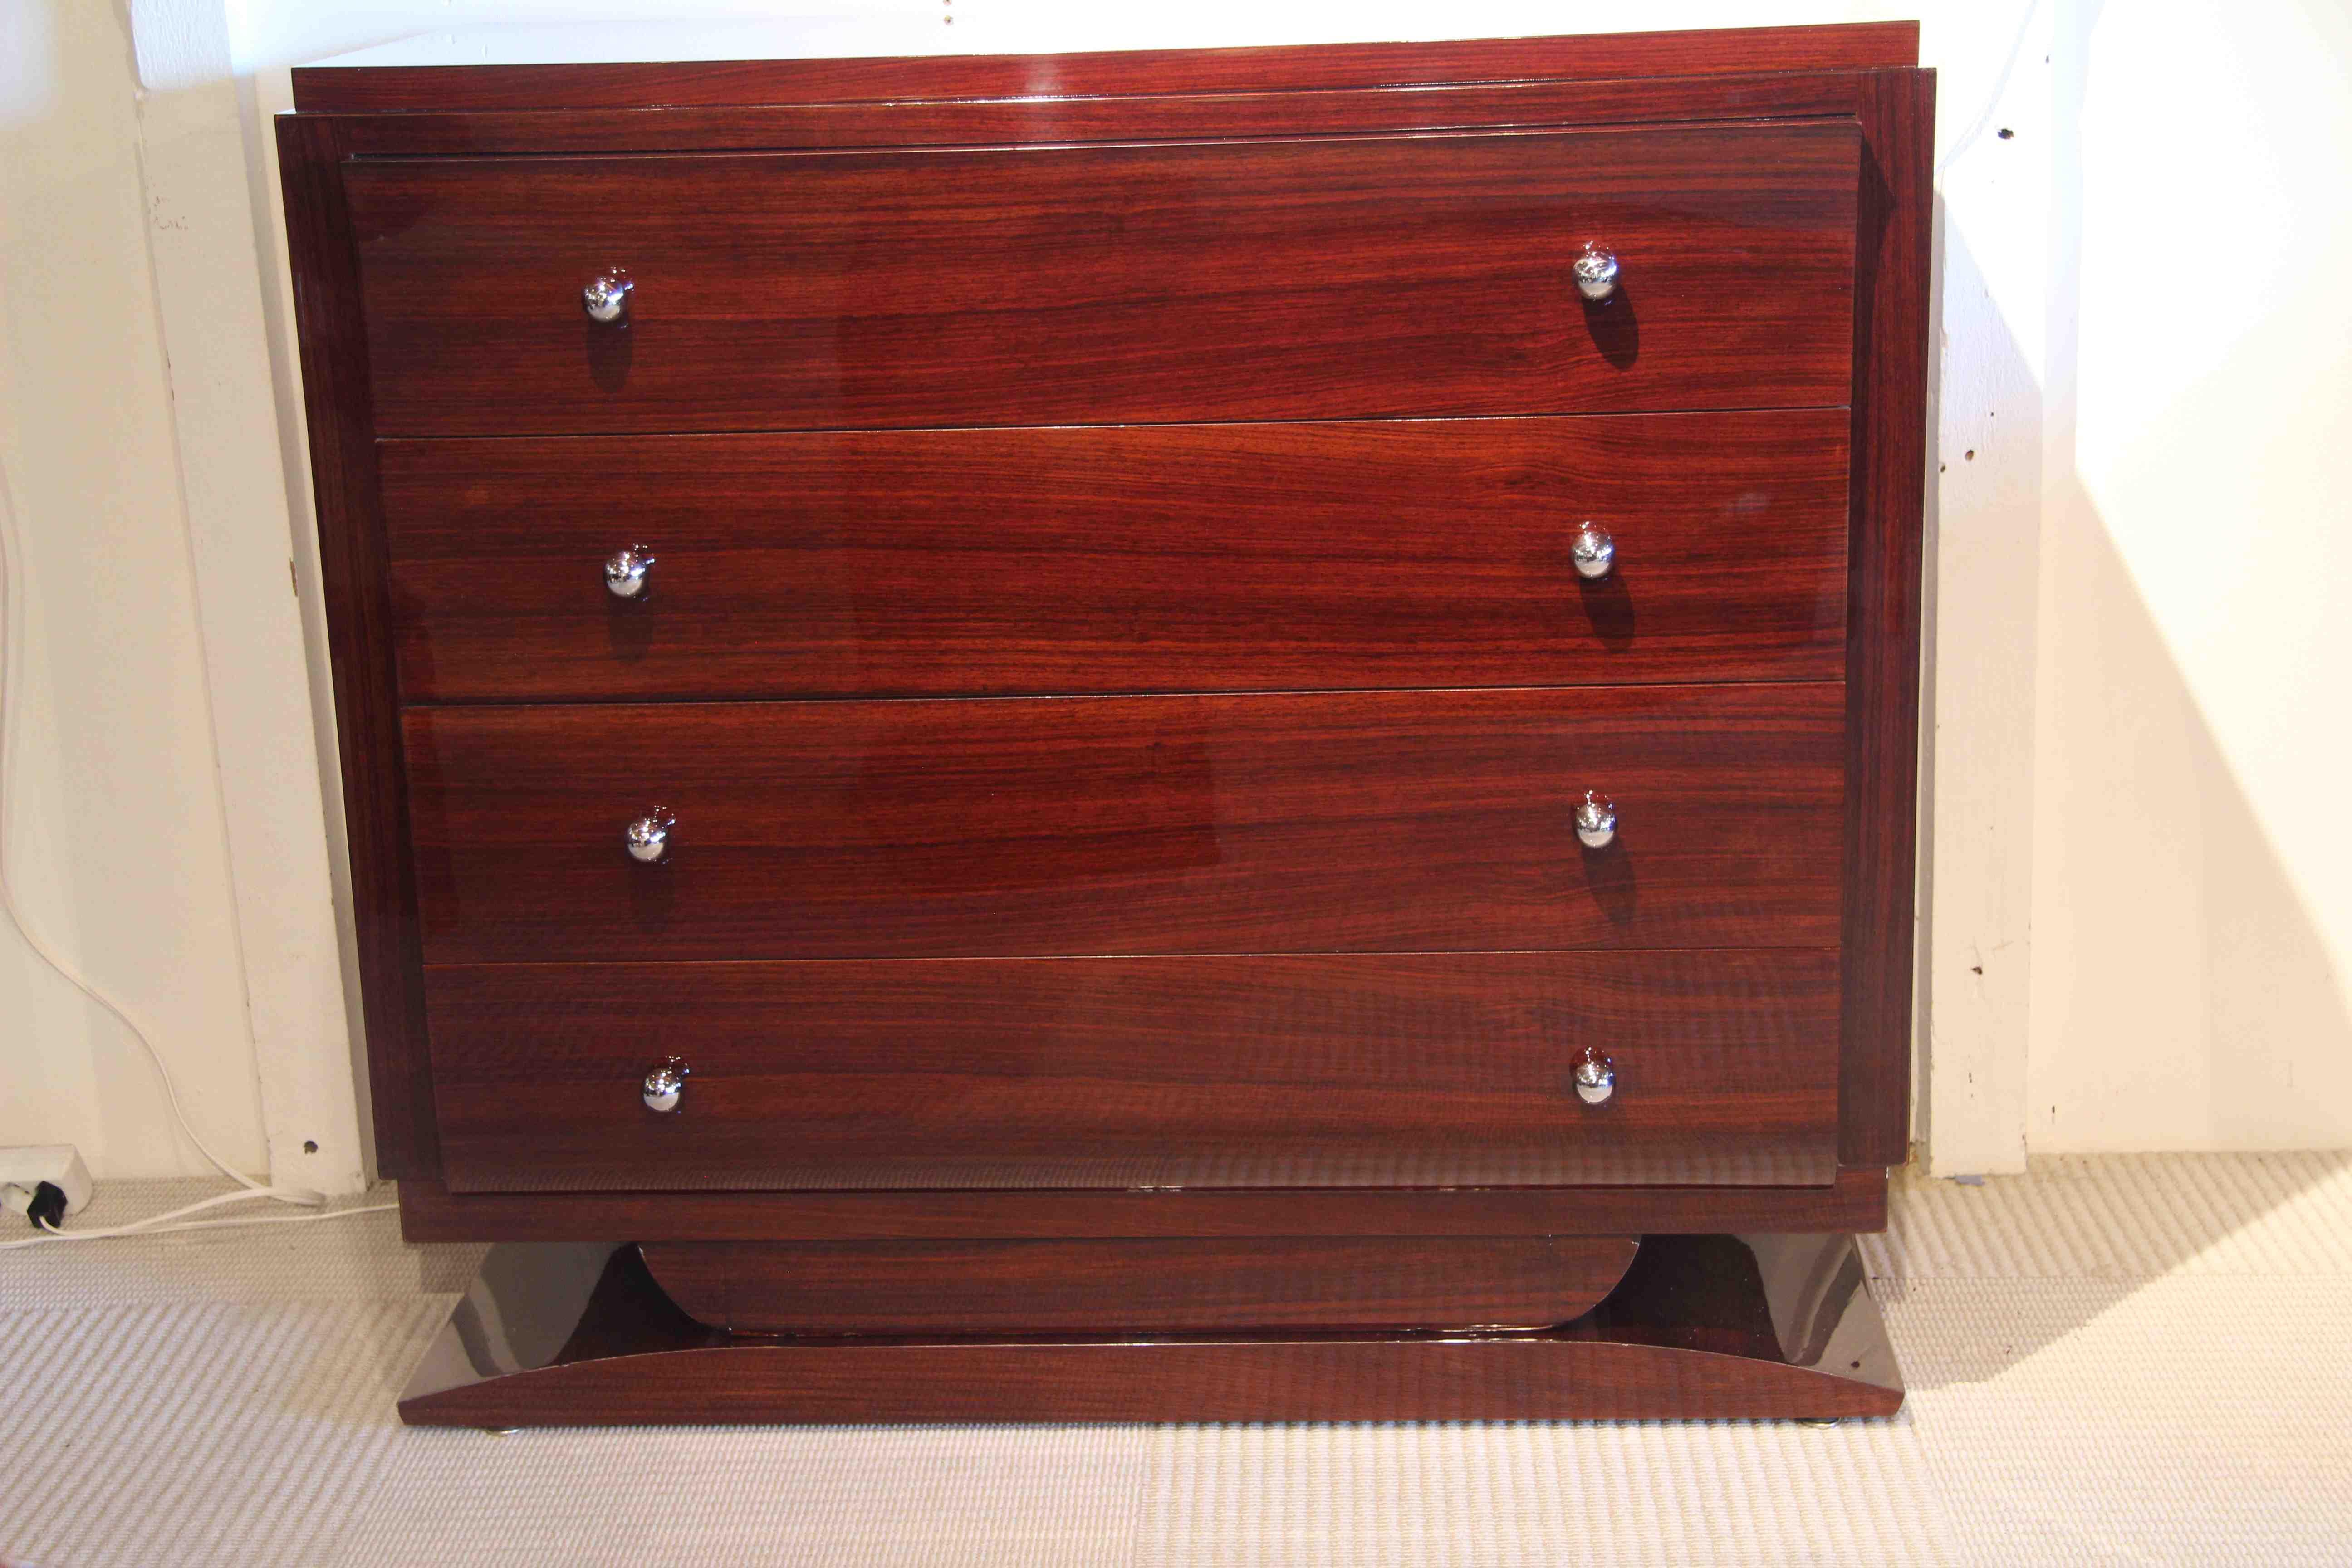 commode art deco en palissandre des indes esprit art d co vente meubles art d co 1930 bauhaus. Black Bedroom Furniture Sets. Home Design Ideas